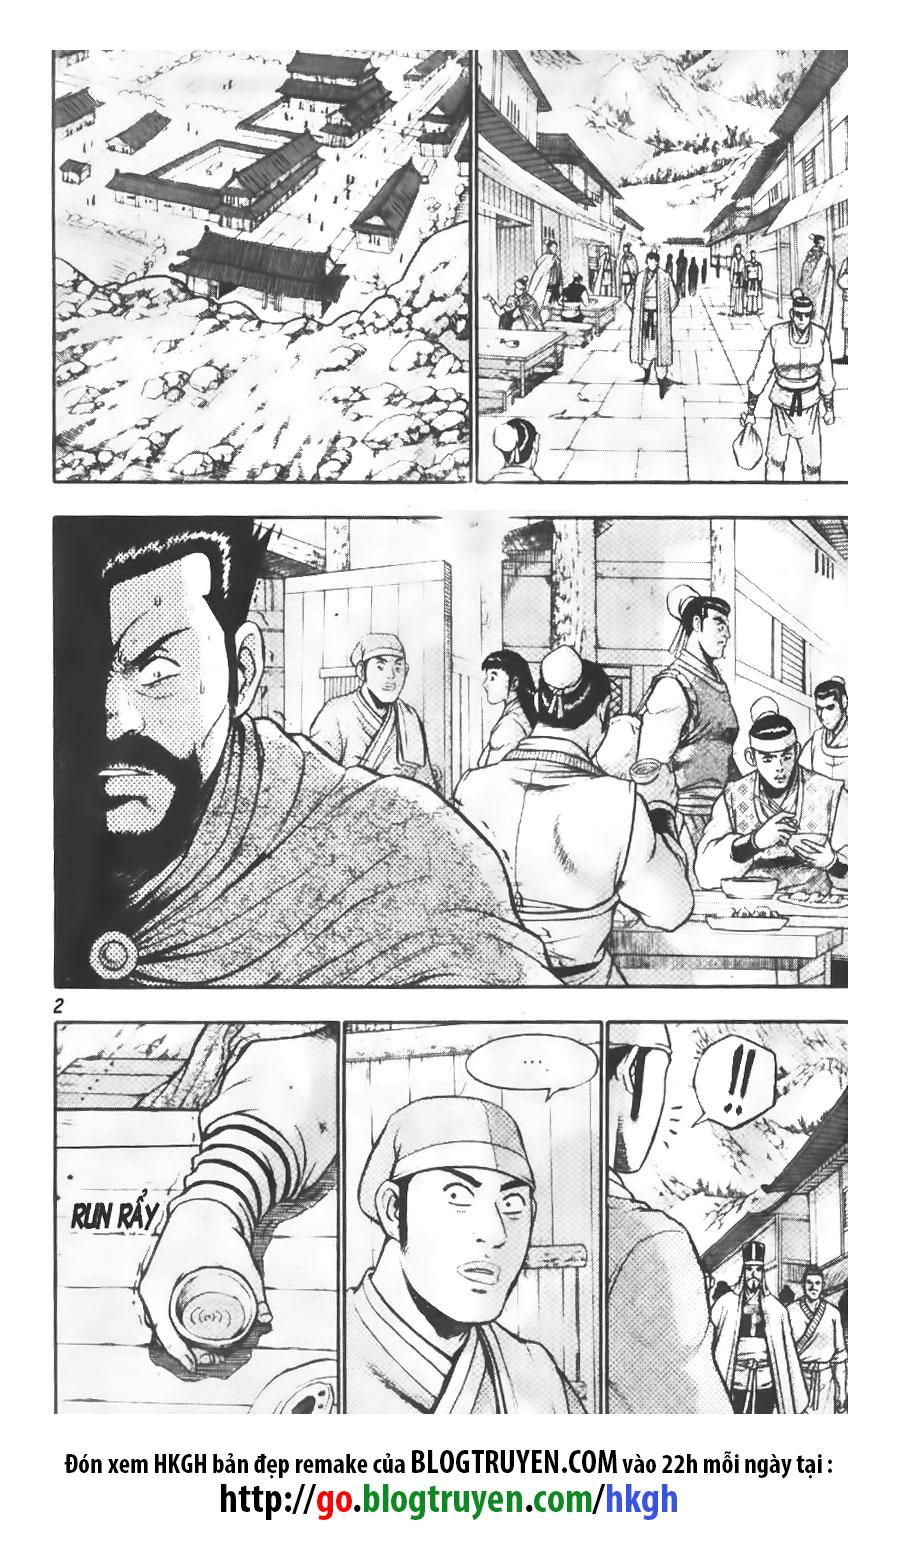 xem truyen moi - Hiệp Khách Giang Hồ Vol45 - Chap 309 - Remake